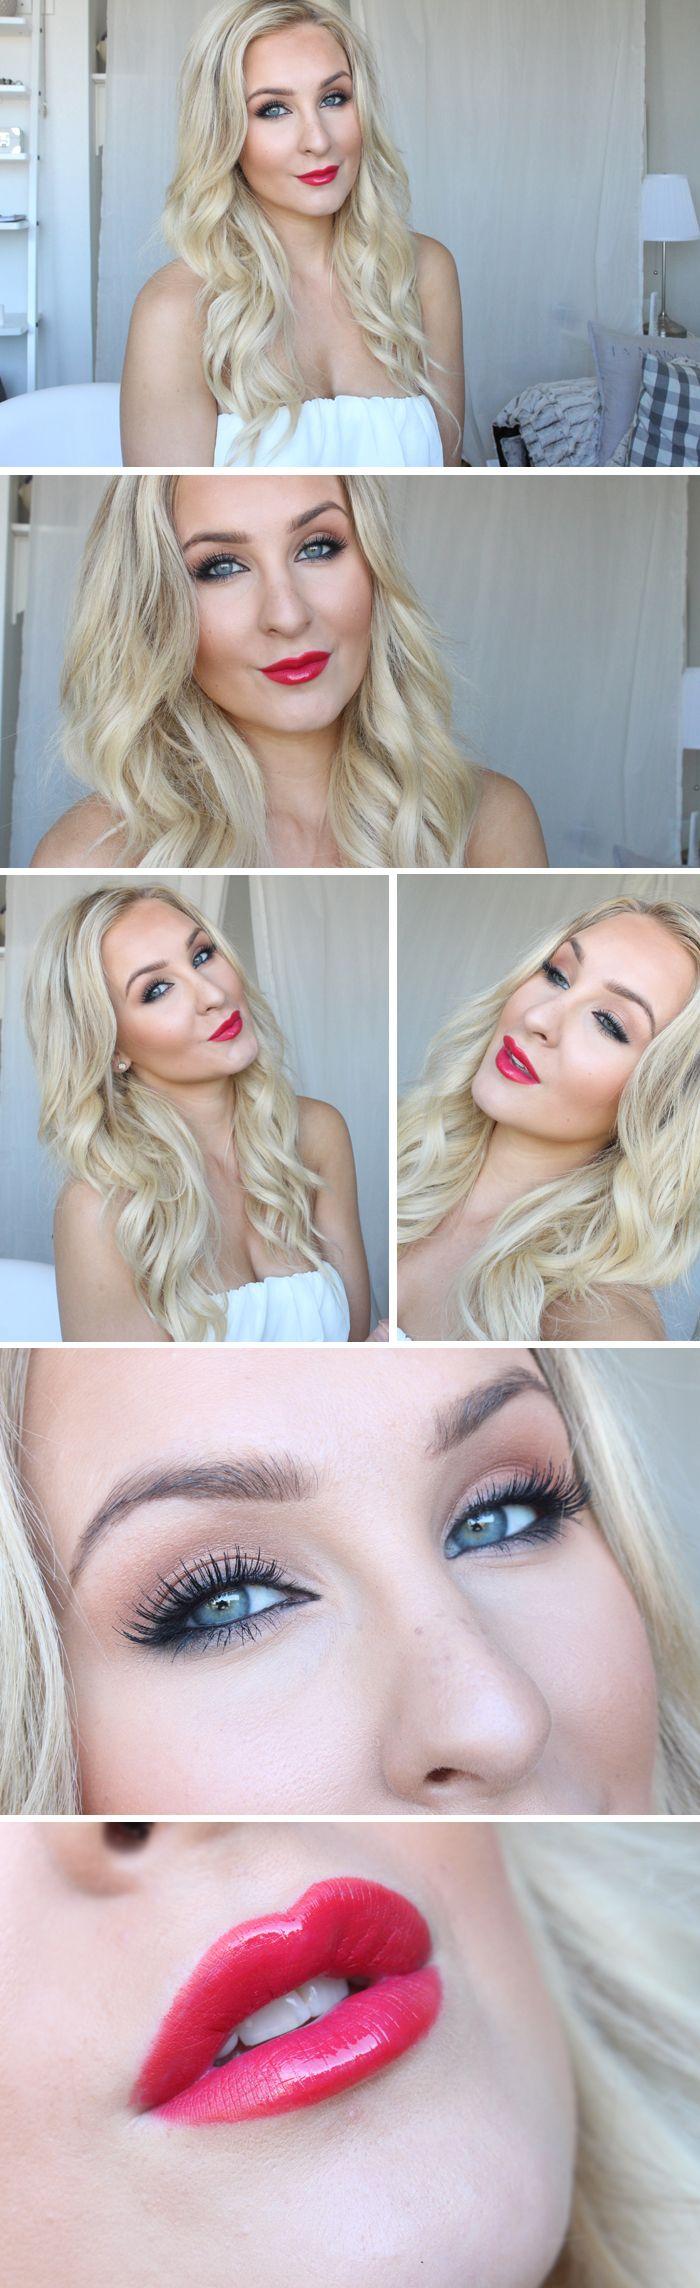 Dagens makeup – Hayden Panettiere sotade ögon och starka läppar | Helen Torsgården – Hiilens sminkblogg